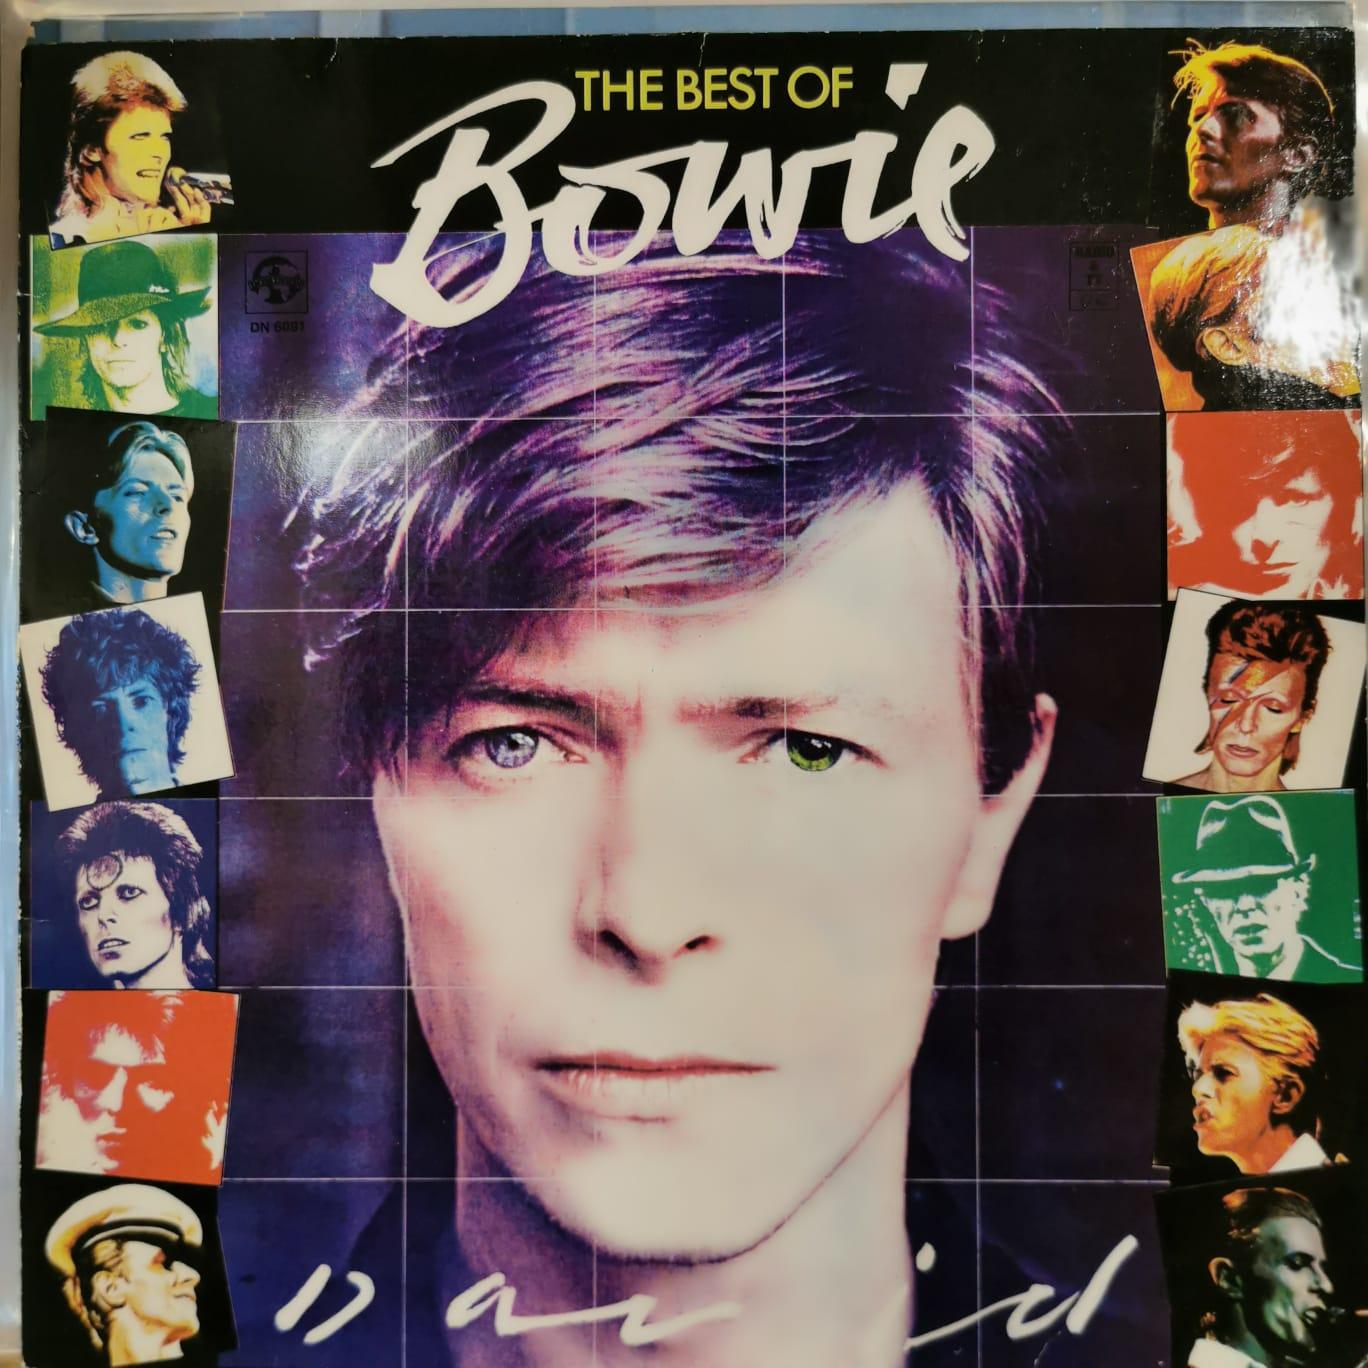 DAVID BOWIE - THE BEST OF BOWIE- Vinyl, LP, Album PLAK